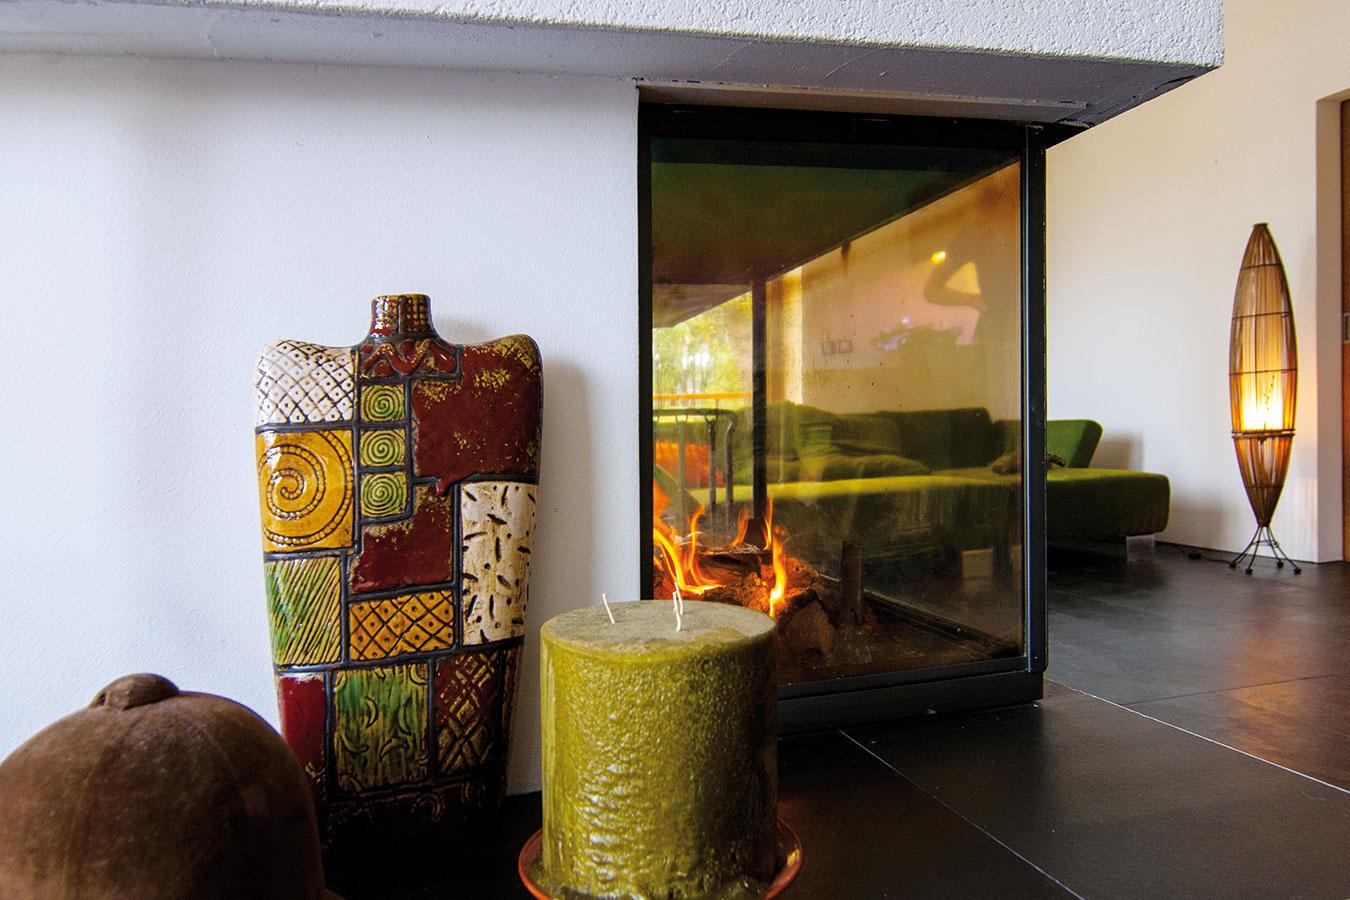 Teplo sa privádza kozubom apodlahovým kúrením, ktoré nenarúša vzhľad interiéru.